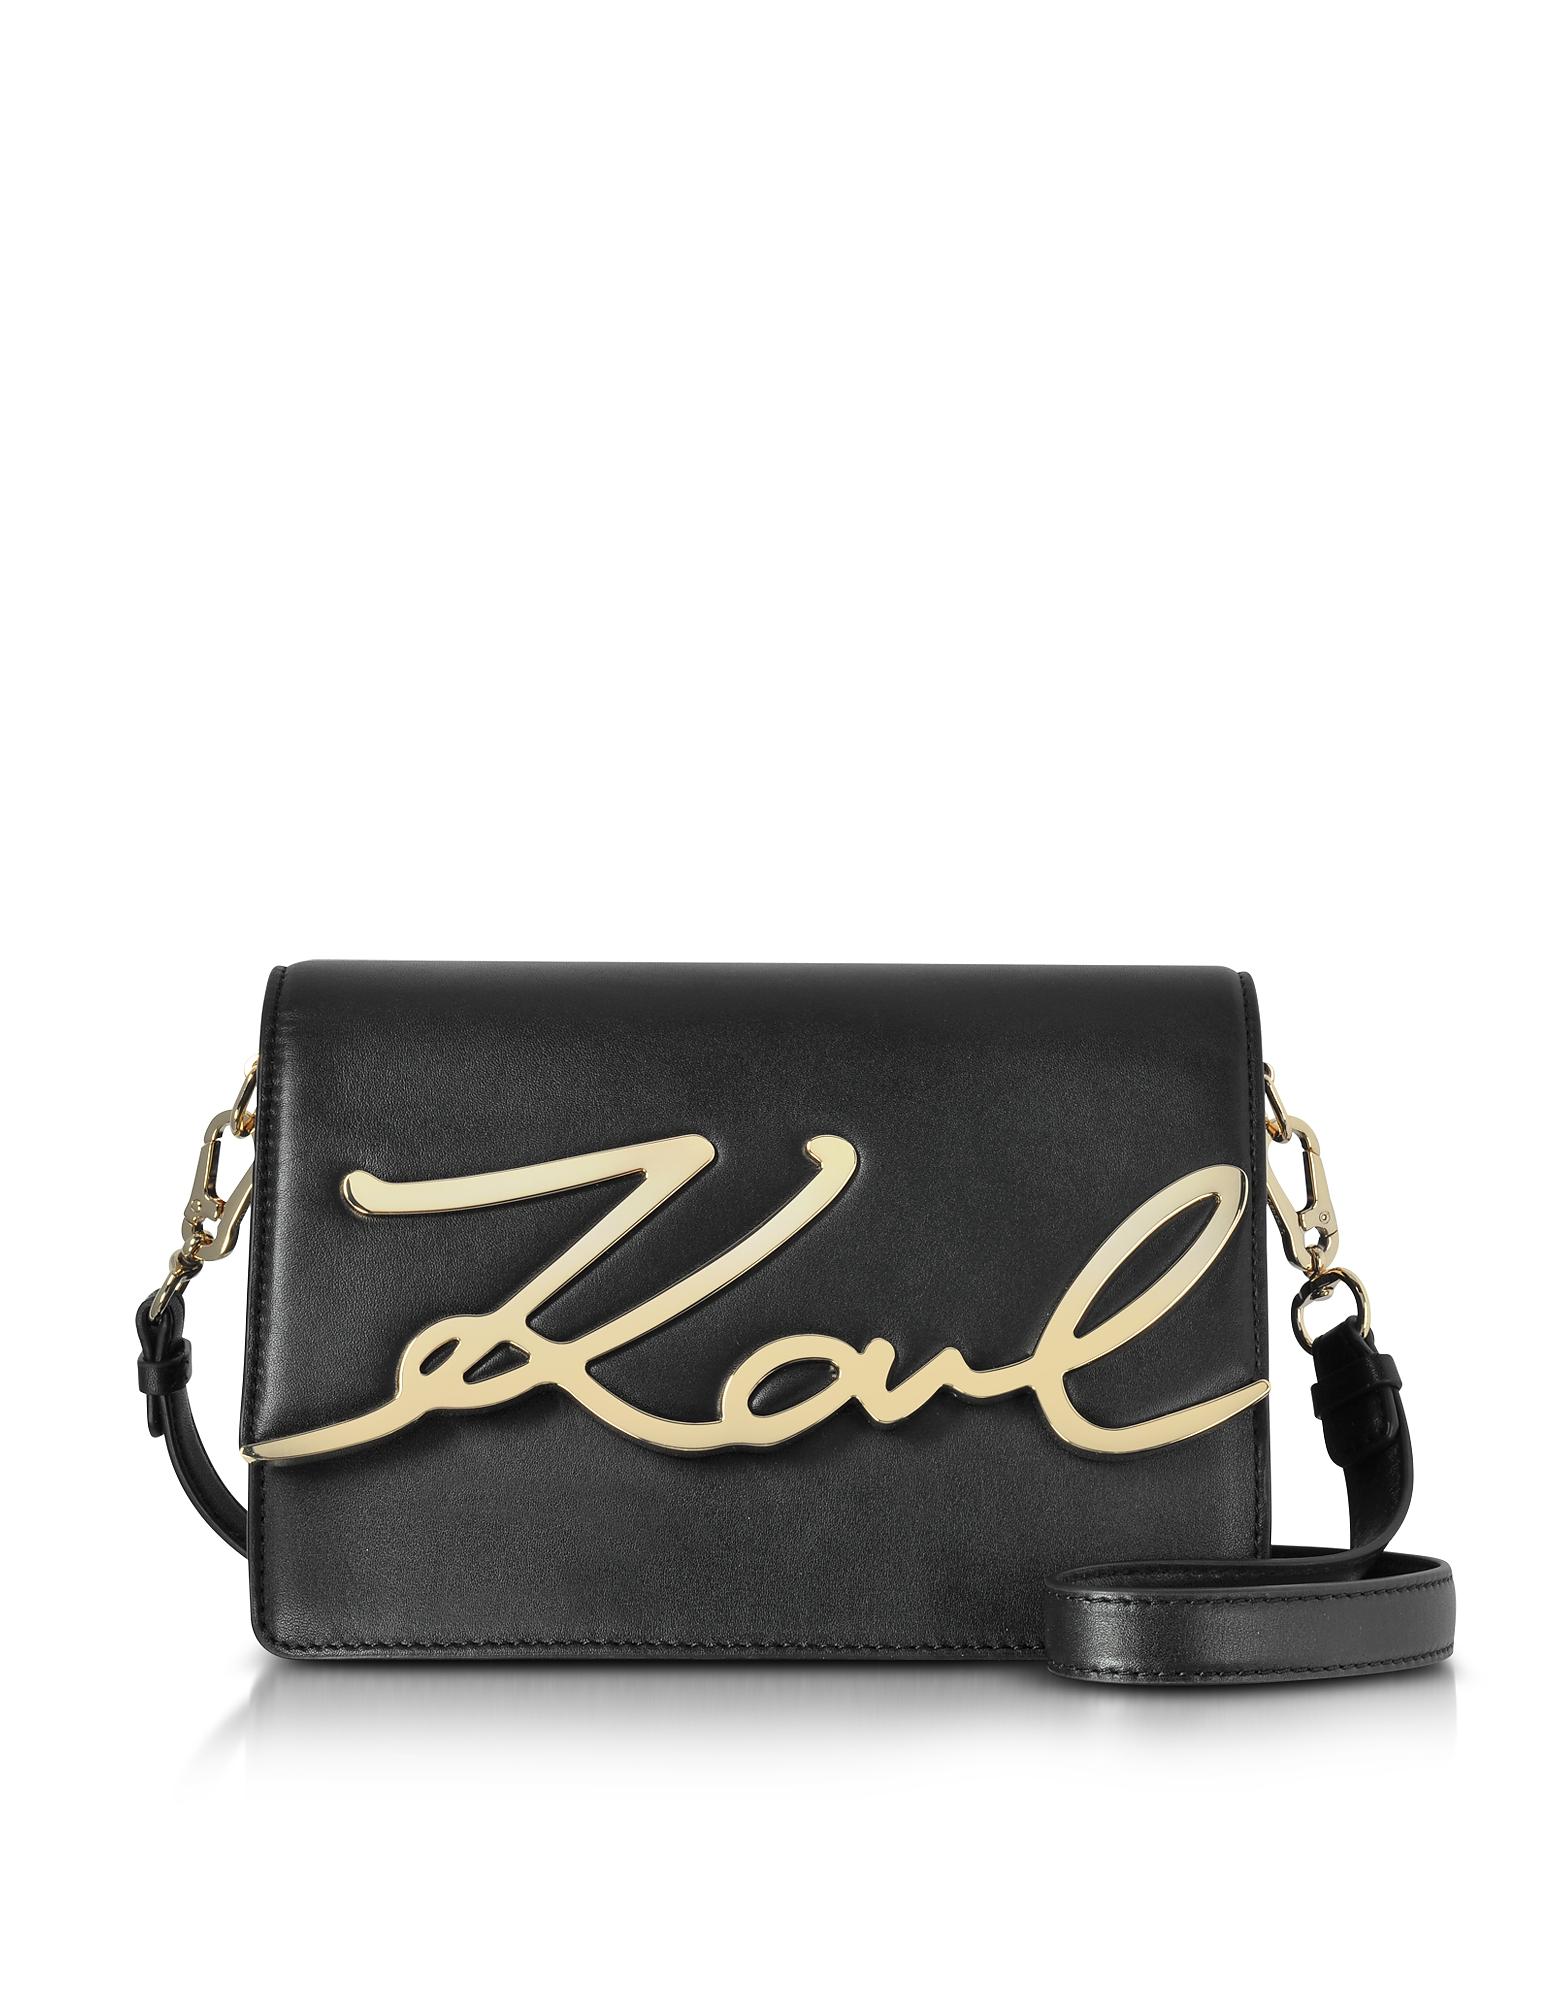 Karl Lagerfeld Designer Handbags, Black Leather K/Signature Shoulder Bag